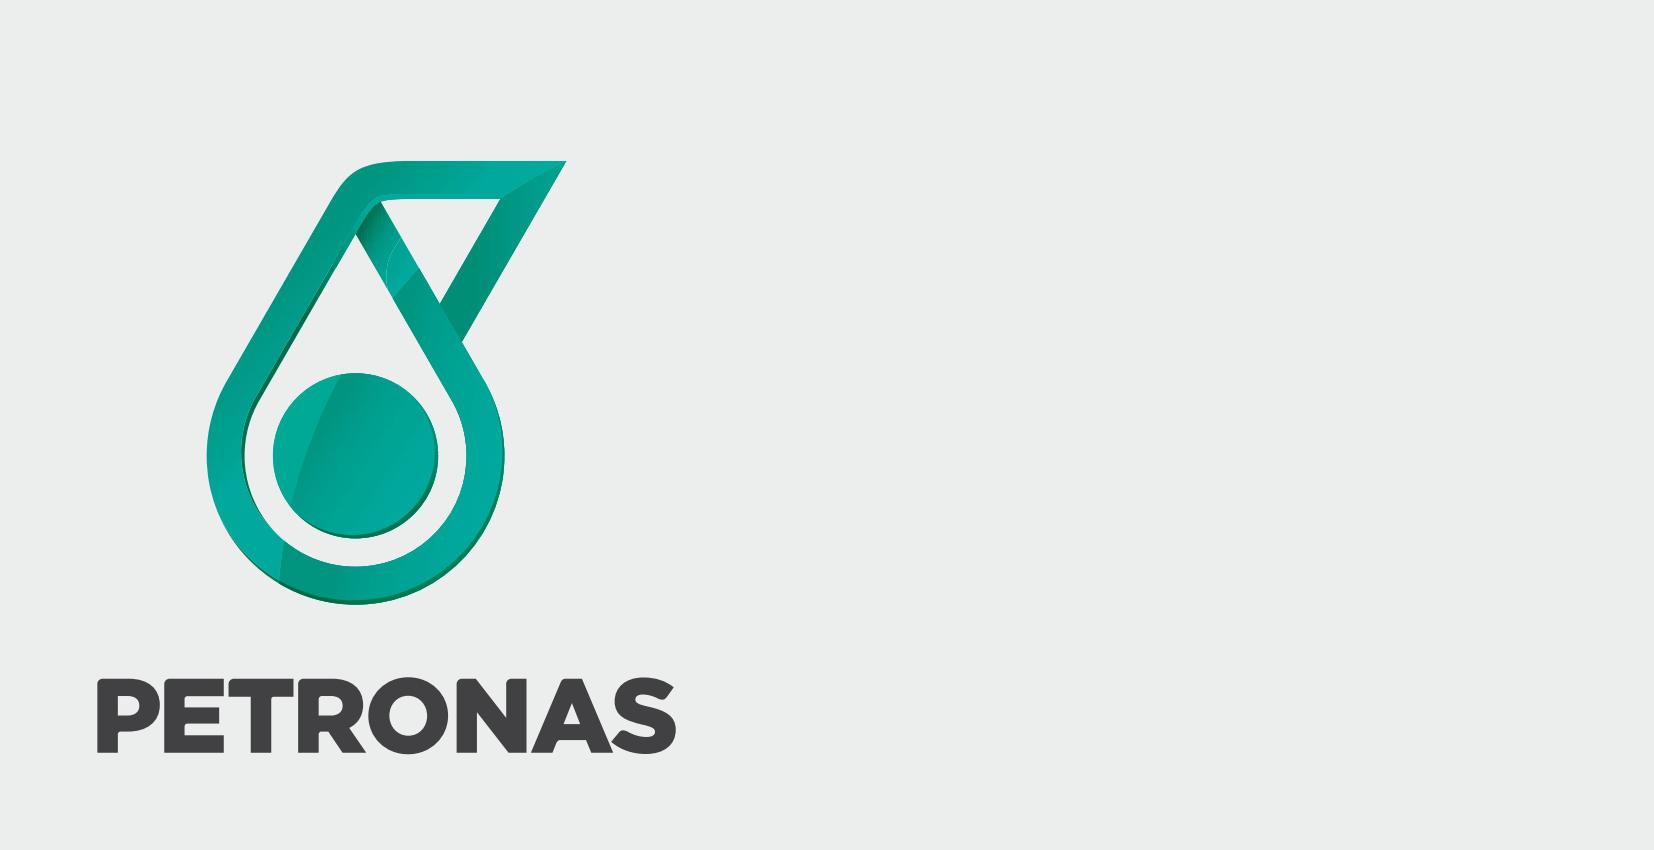 ★Petronas(ペトロナス) ドルナスポーツとのスポンサー契約を延長